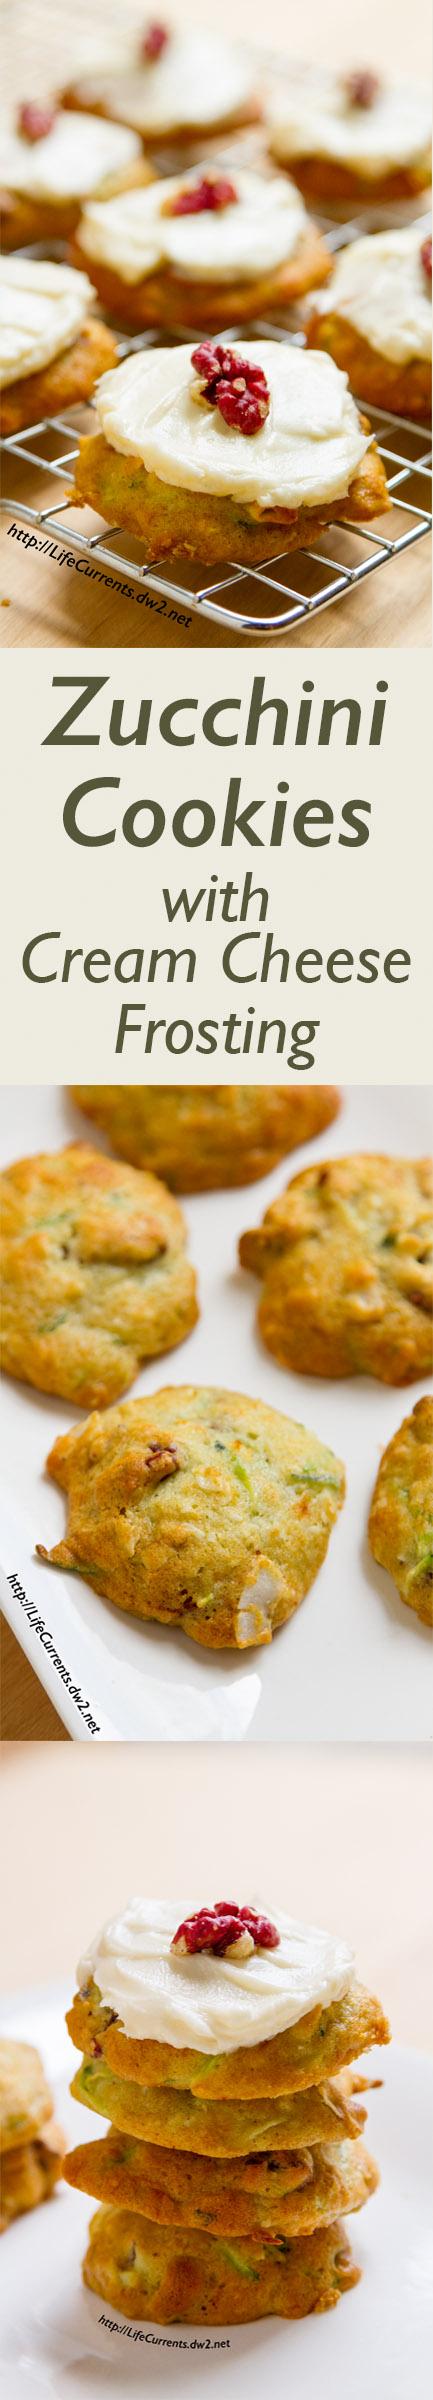 Zucchini Cookies Using Cake Mix